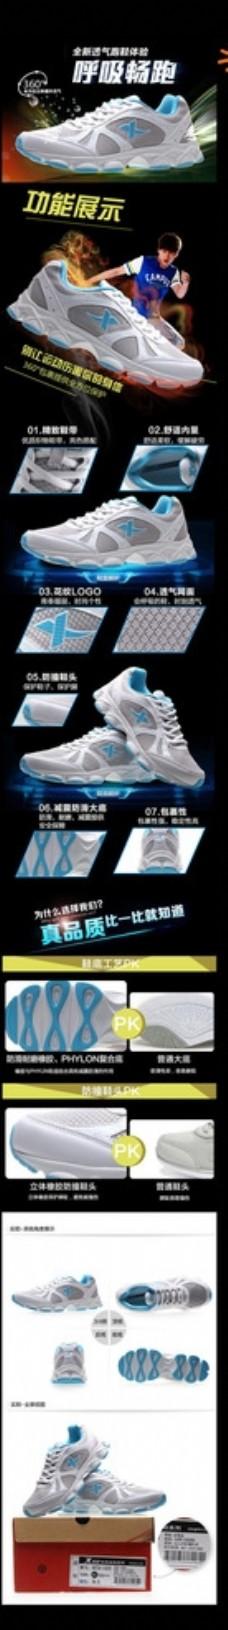 时尚运动秋冬男跑鞋